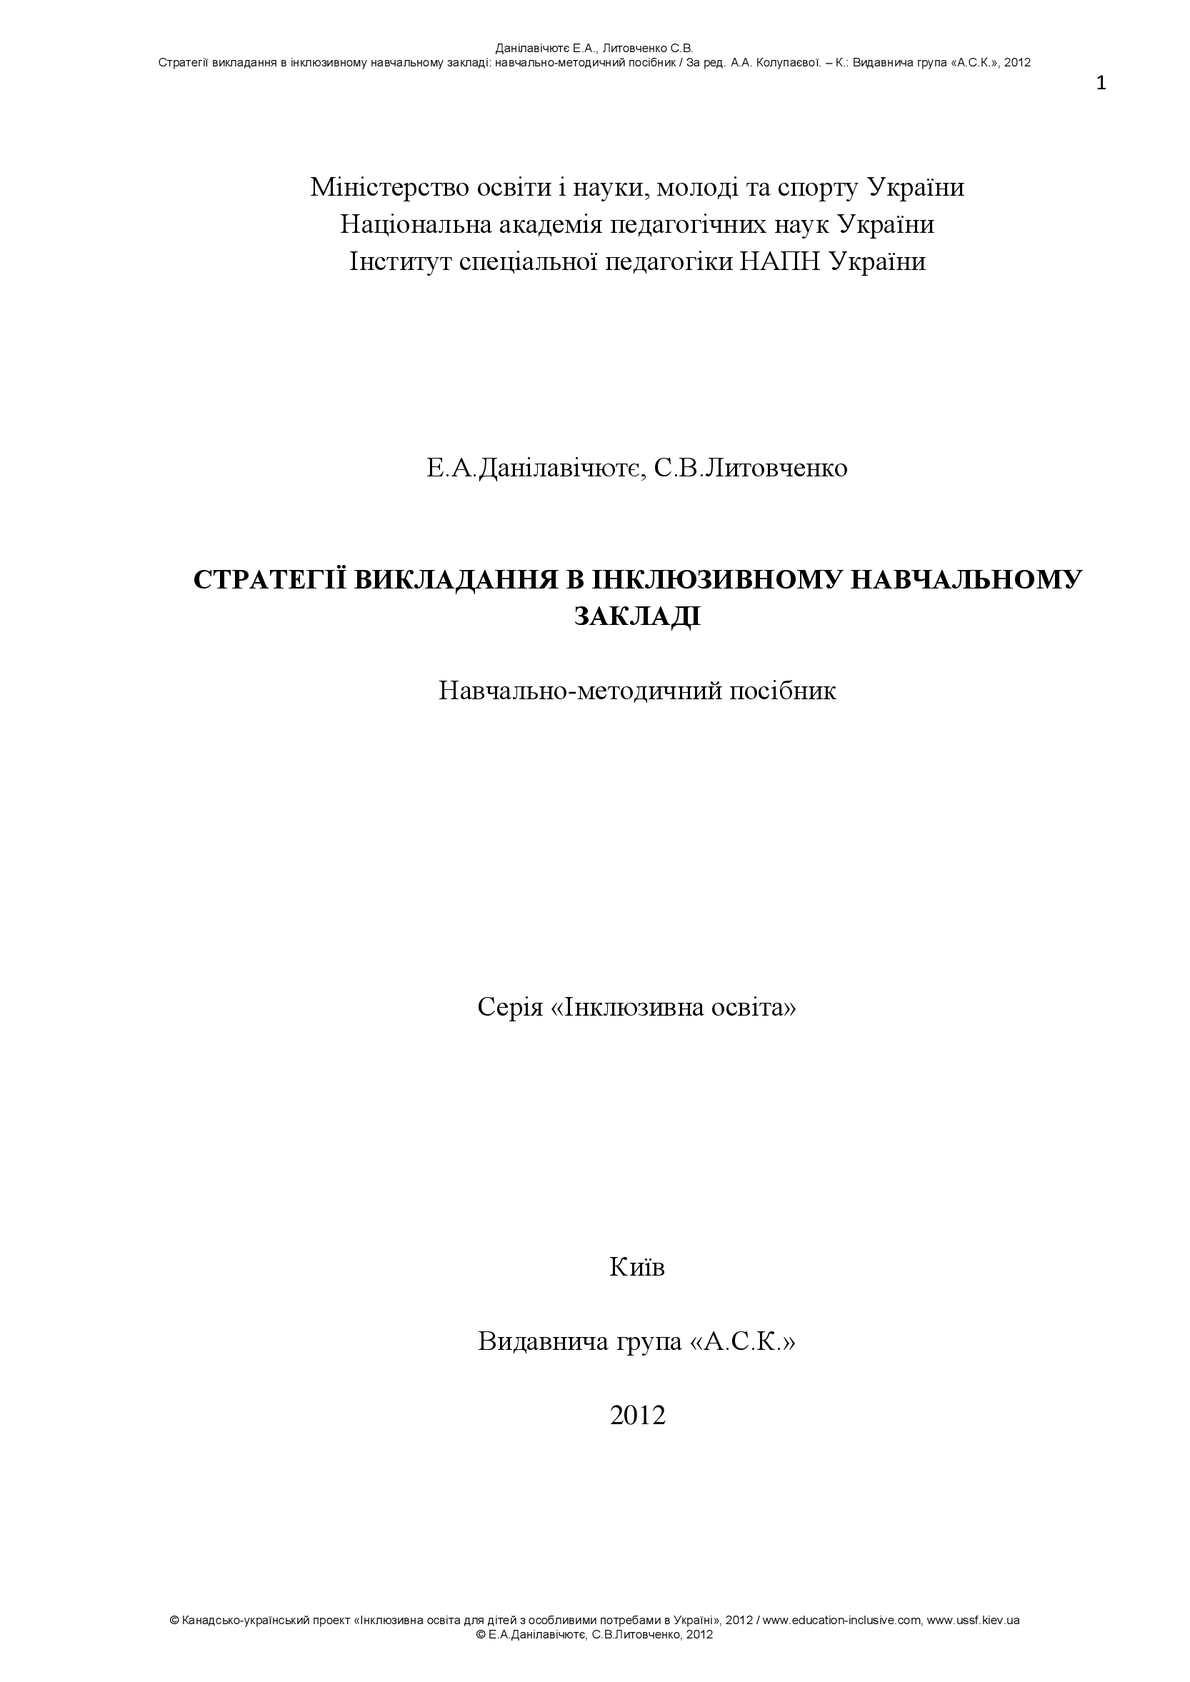 Calaméo - Стратегії викладання в інклюзивному навчальному закладі 3d8990929c0aa